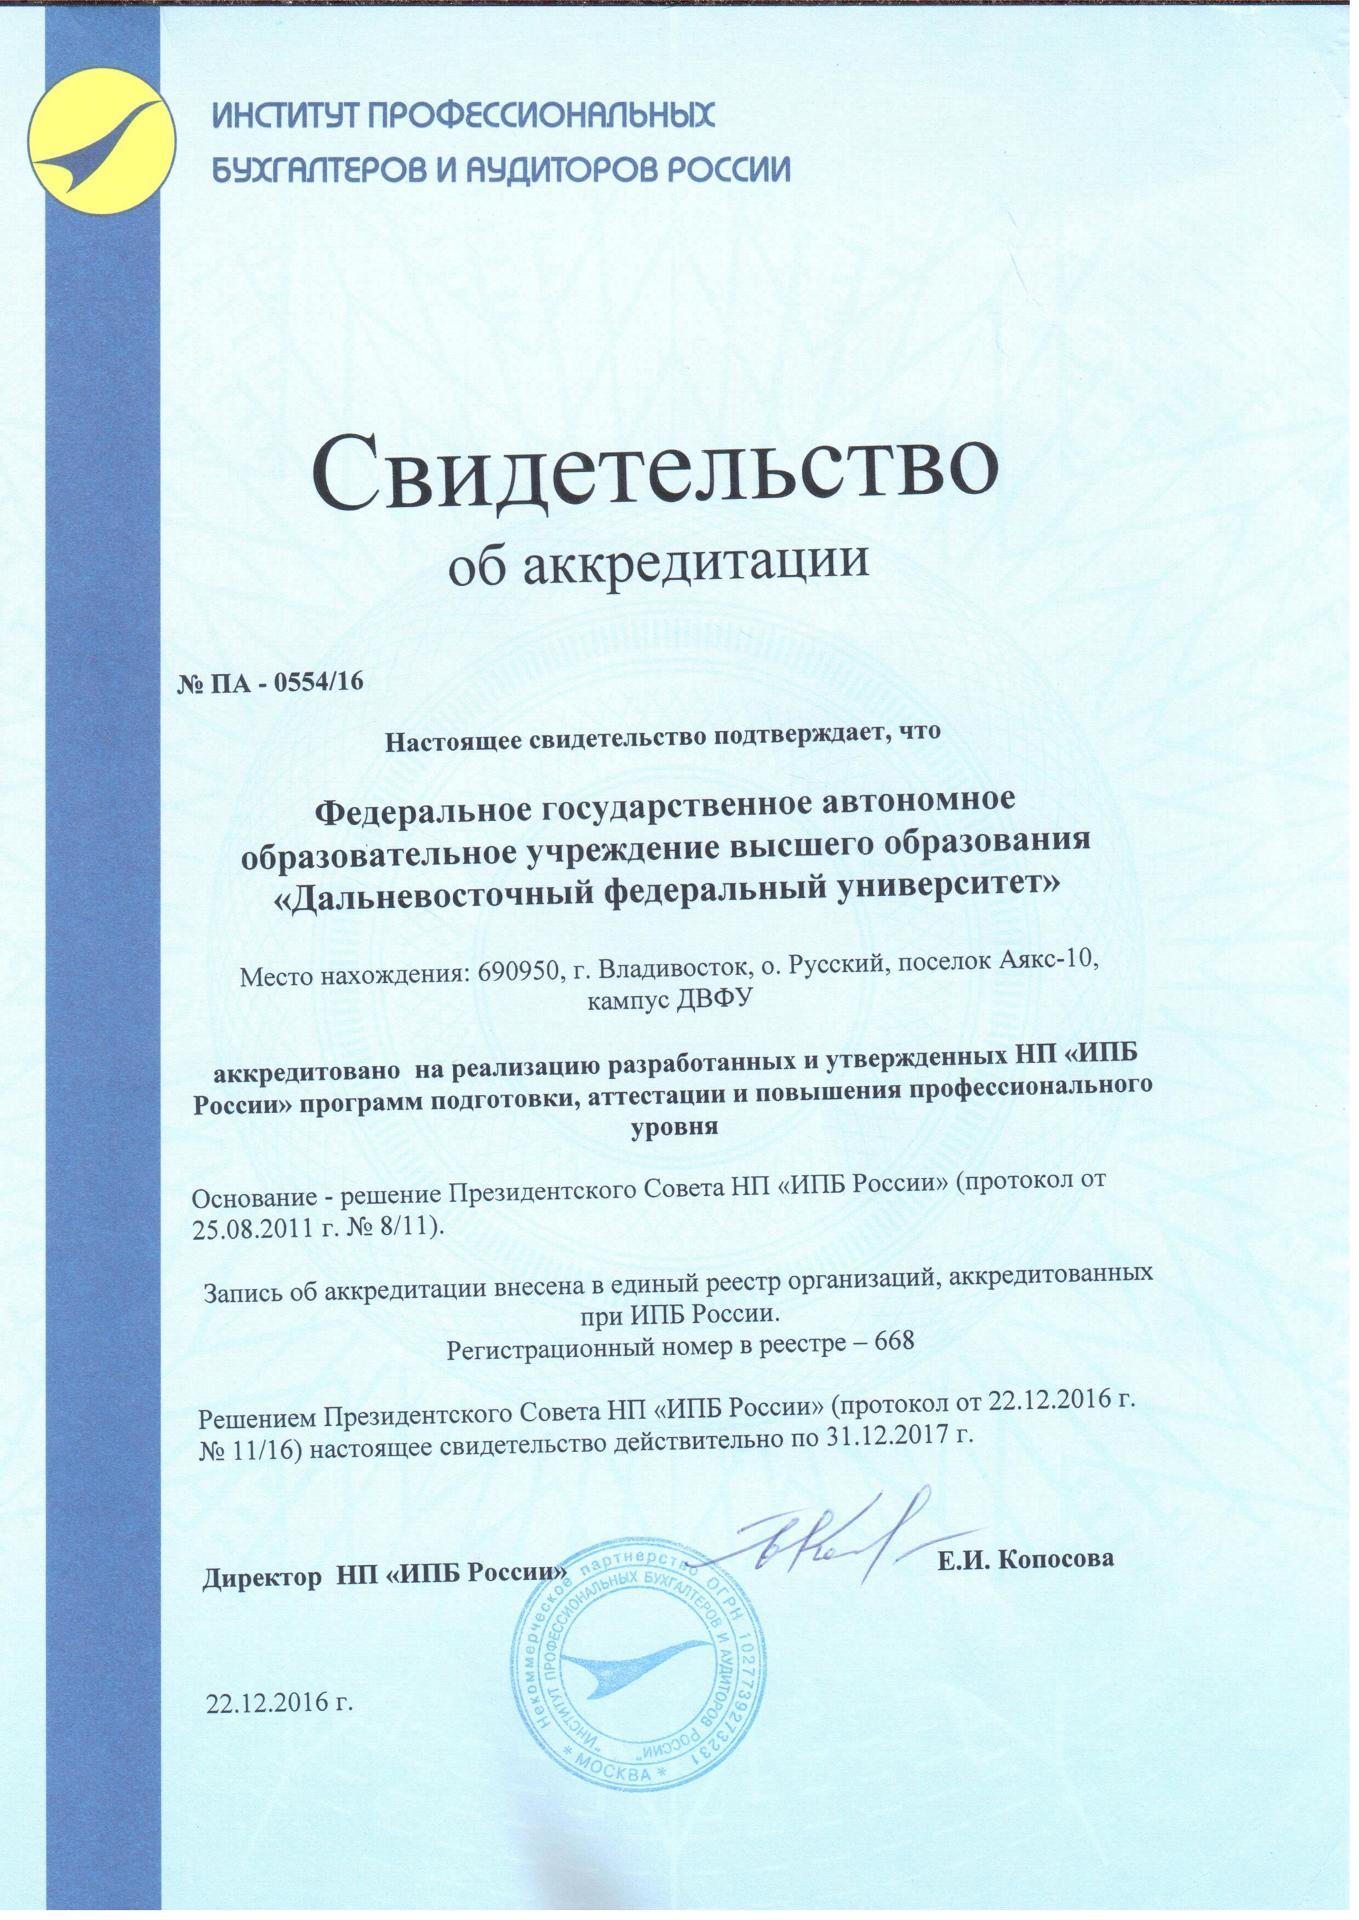 Аудиторские свидетельства — московский государственный университет дизайна и технологий